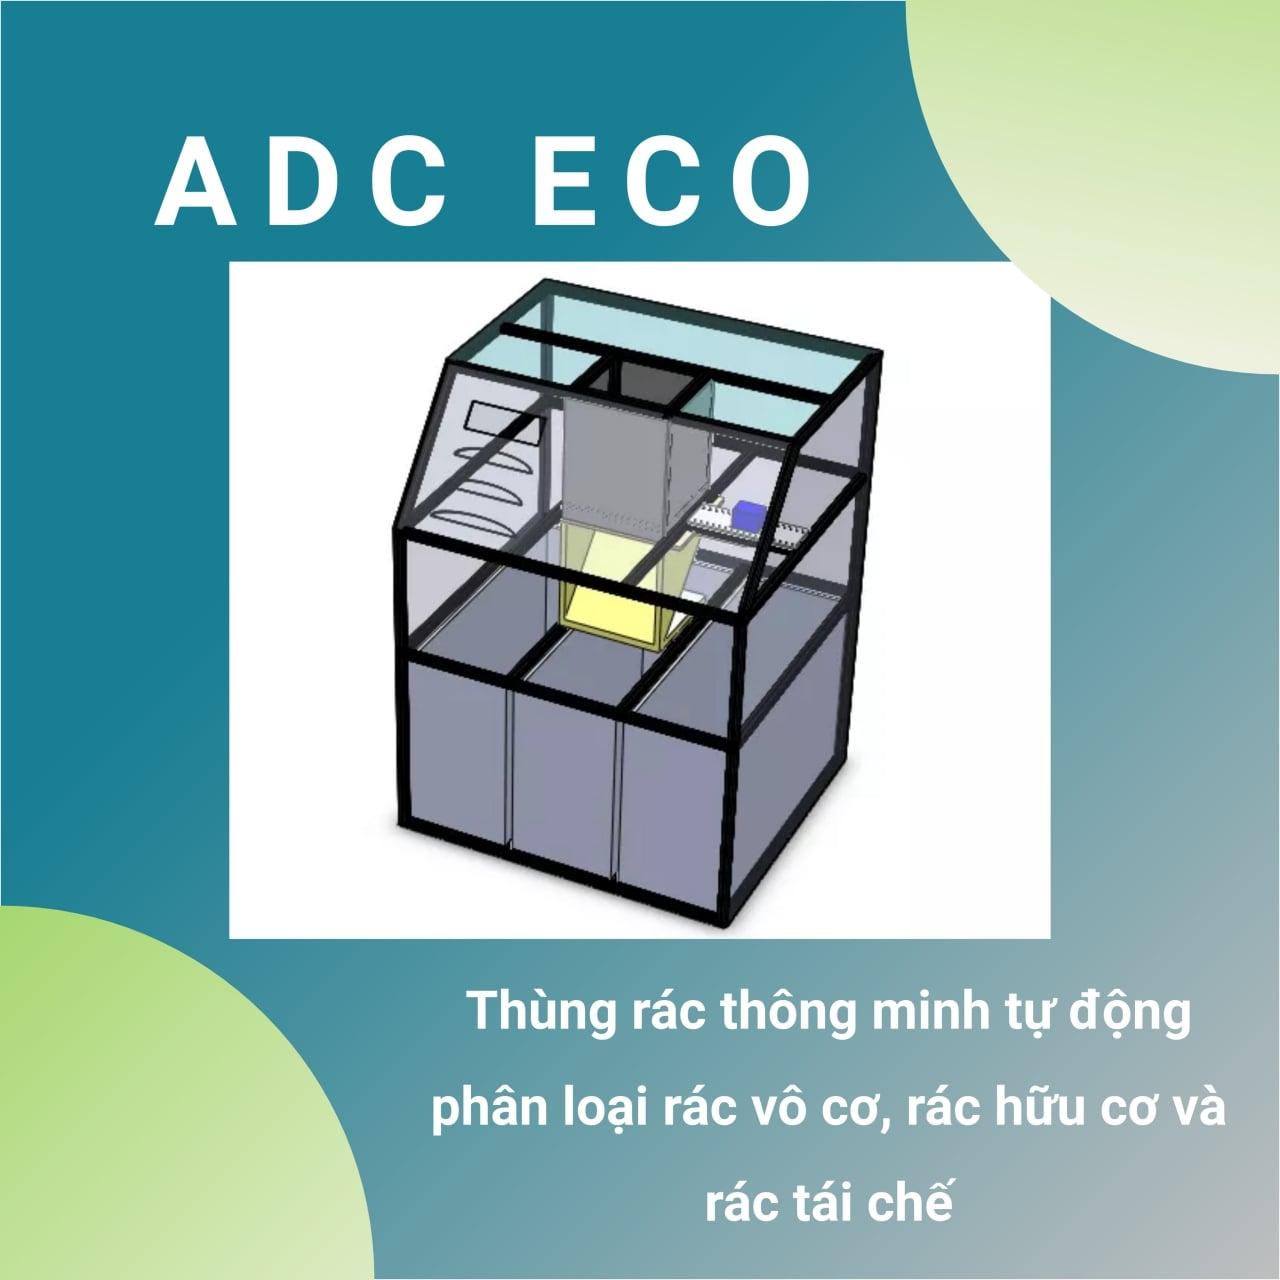 Nhóm ADC Eco - Thùng rác thông minh tự động phân loại rác vô cơ, rác hữu cơ và rác tái chế